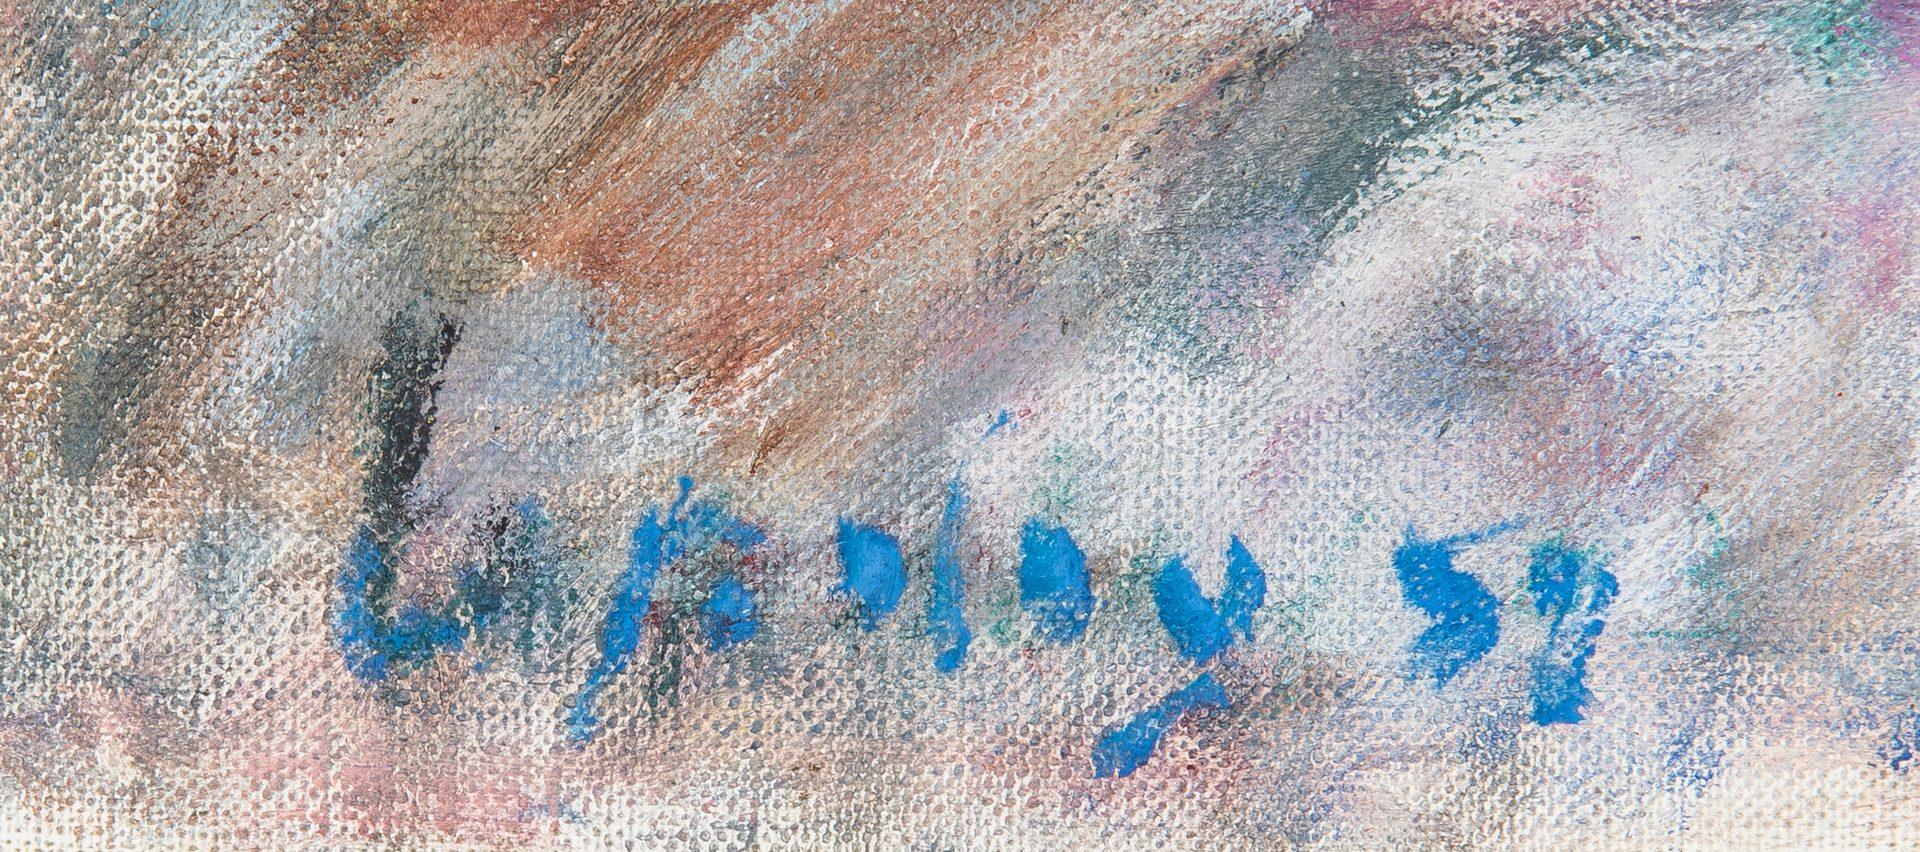 Lot 677: John Lapsley O/C, The Dream